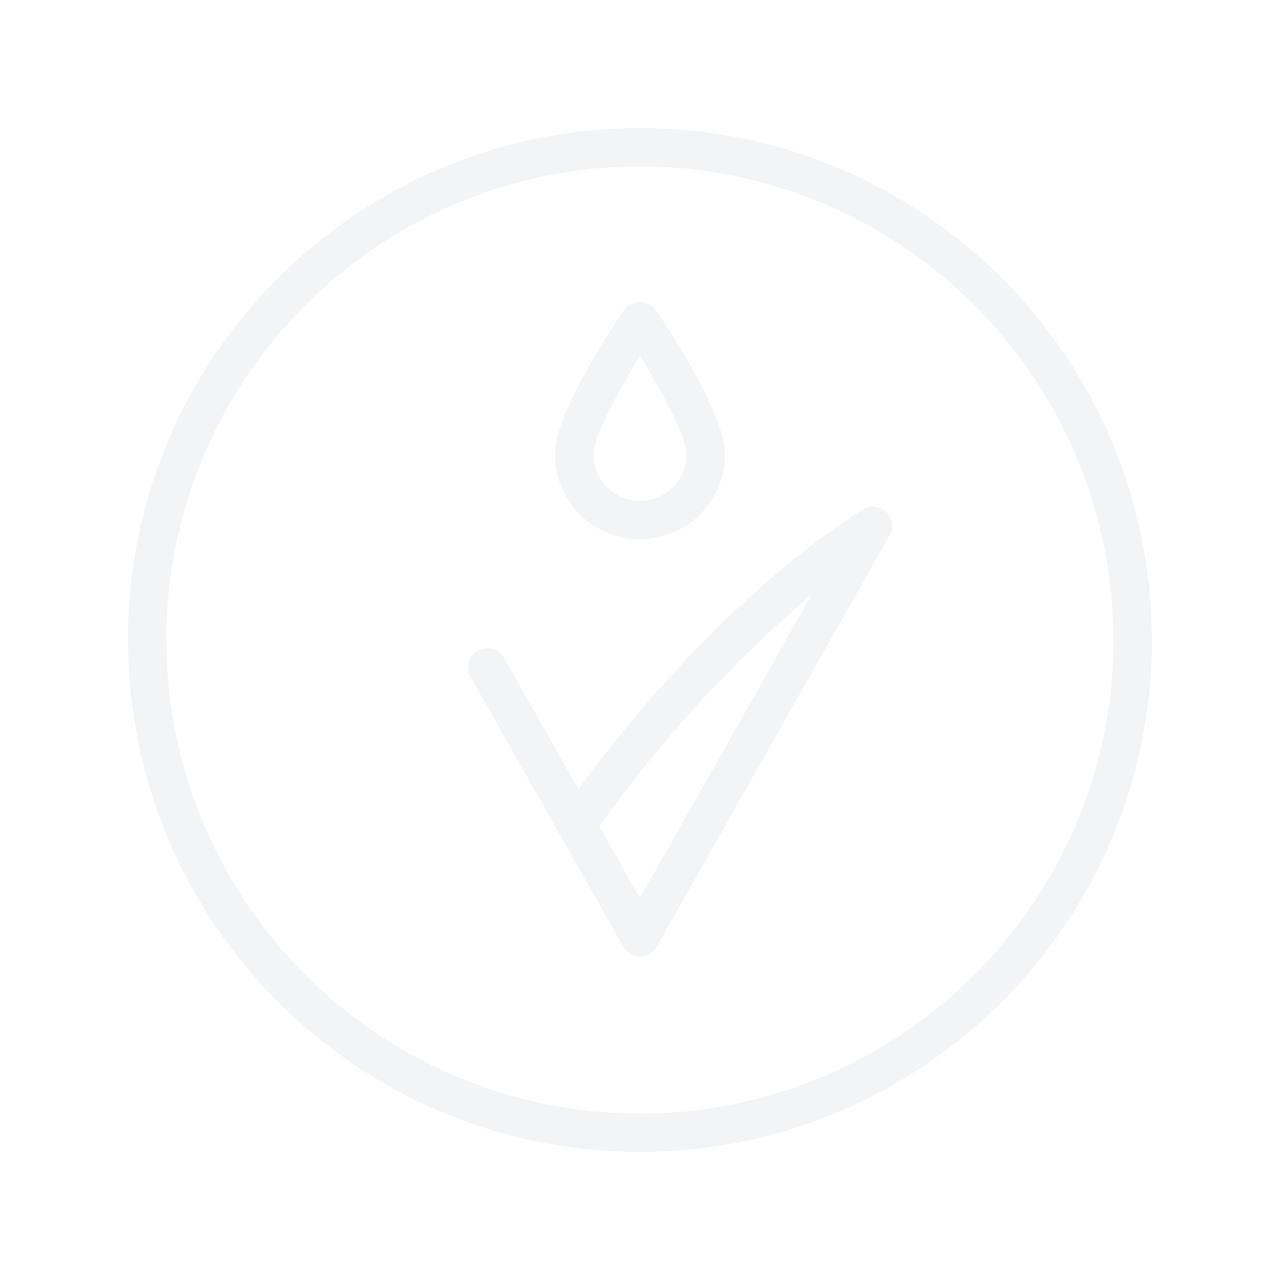 MAKEUP REVOLUTION Matte Nude Lipstick 3.2g